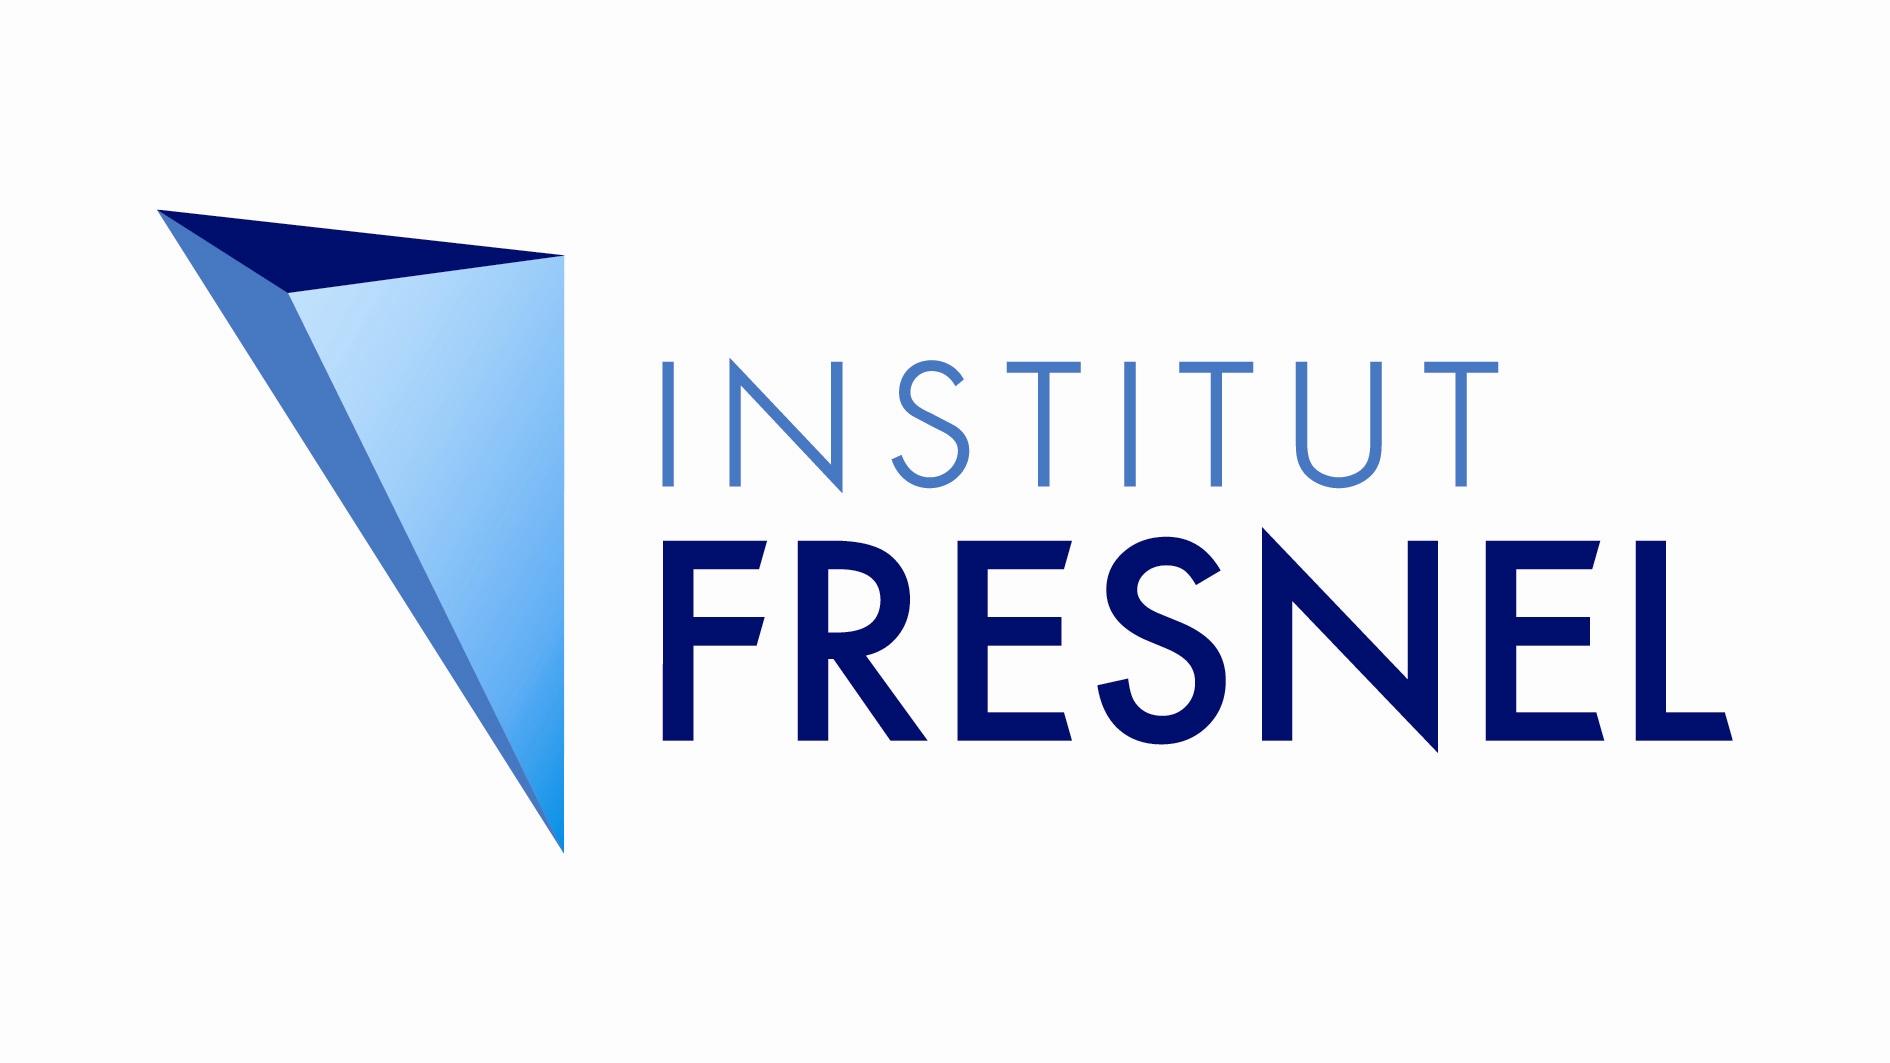 Institut Fresnel